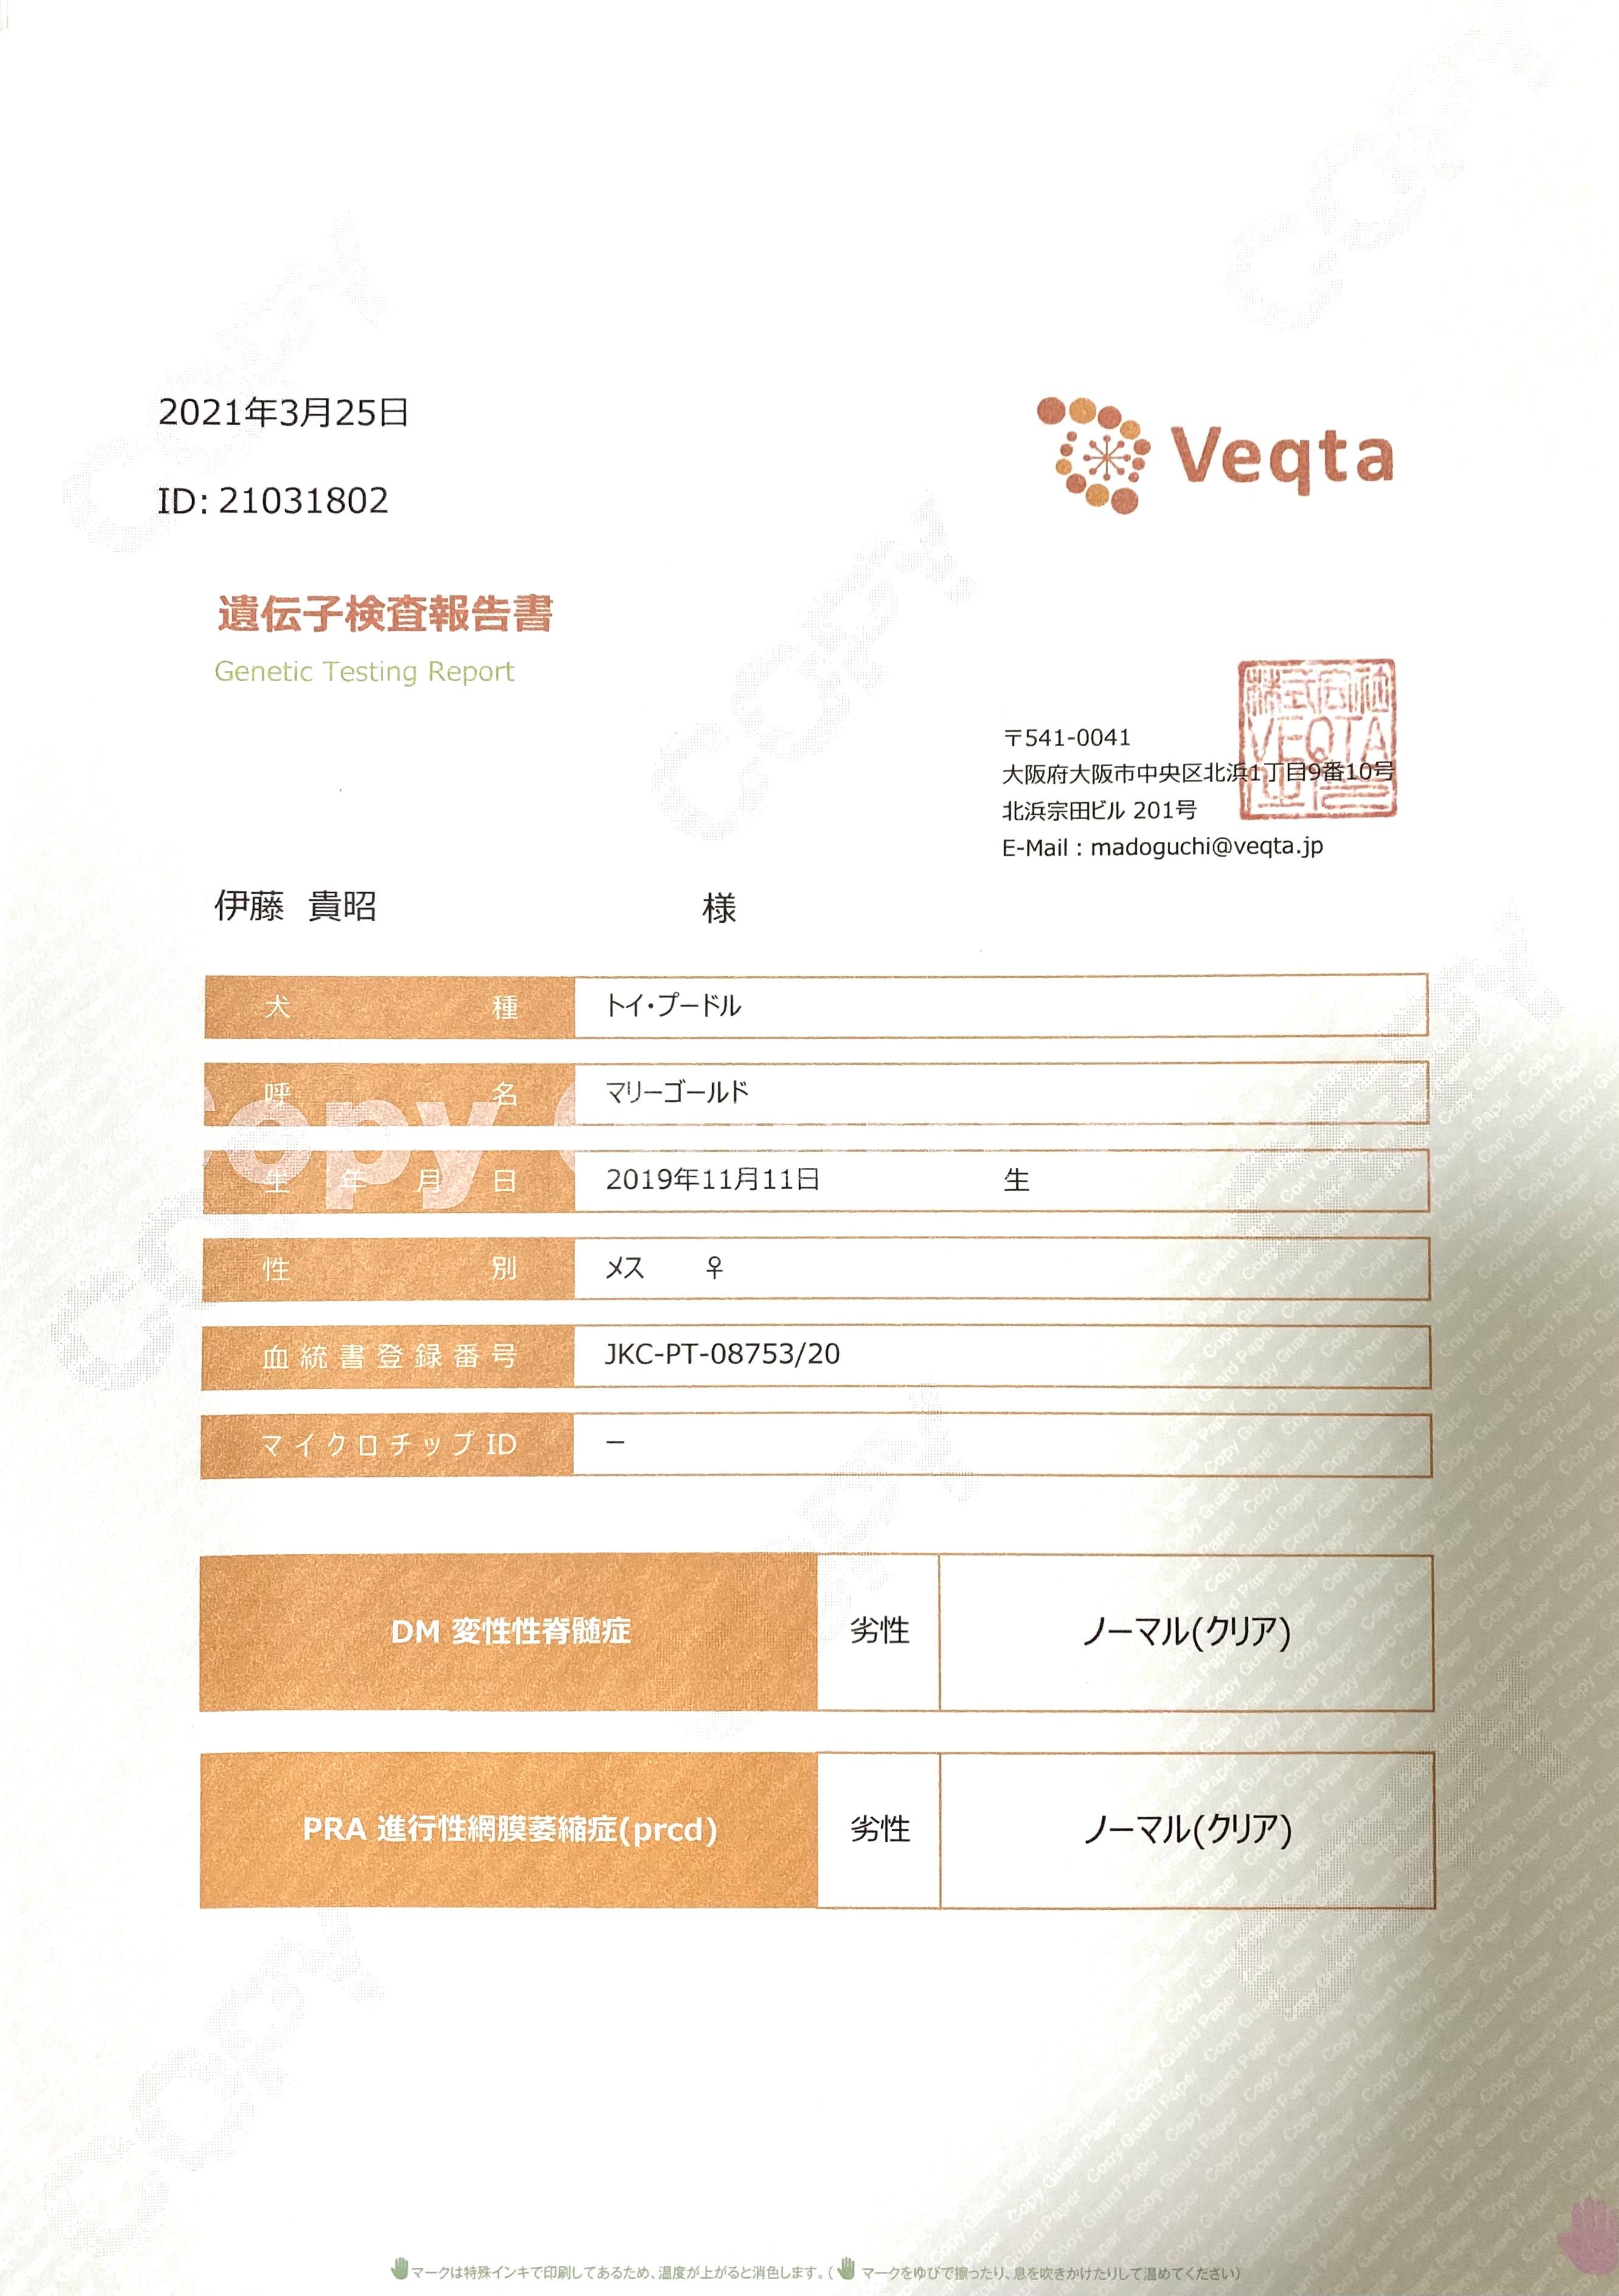 D9D73391-C7DC-419D-86B1-31A79967DAC4